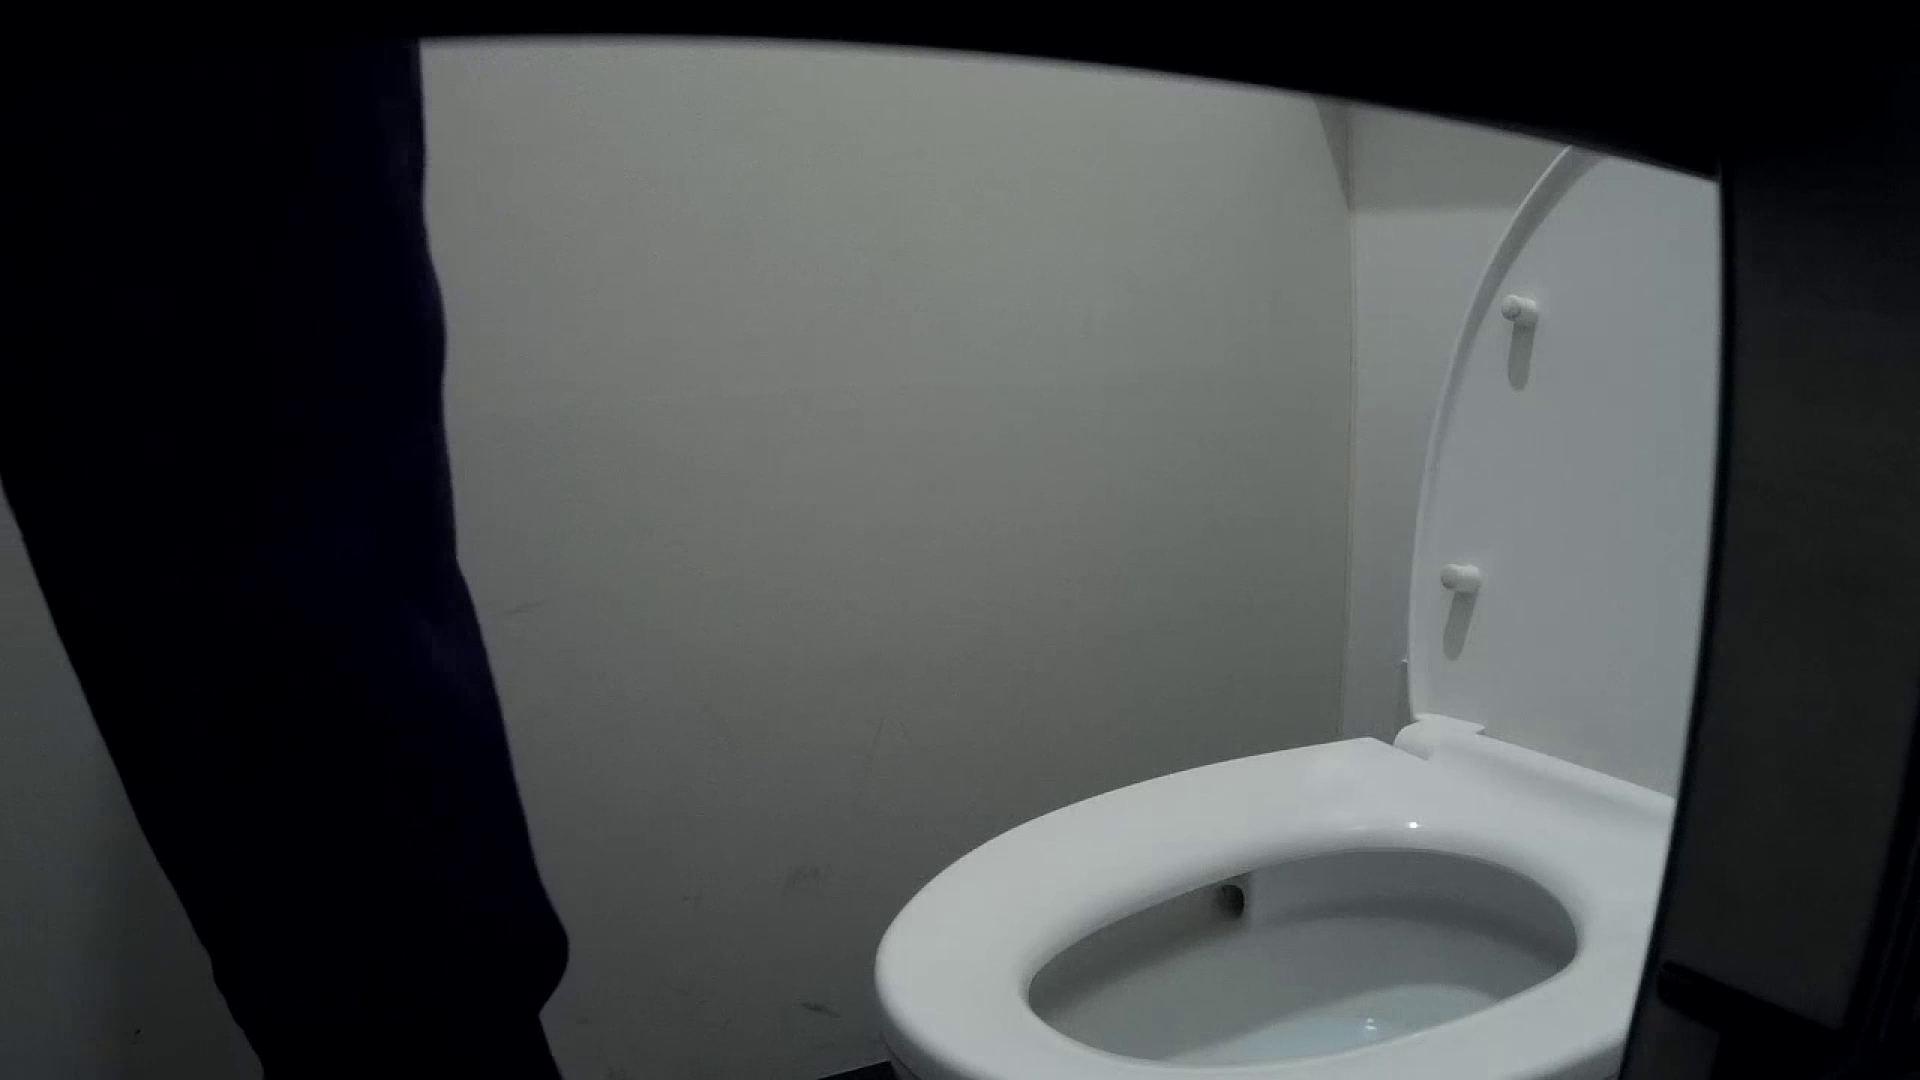 有名大学女性洗面所 vol.50 個室には3つの「目」があるみたいです。 高画質動画 おめこ無修正画像 53画像 29